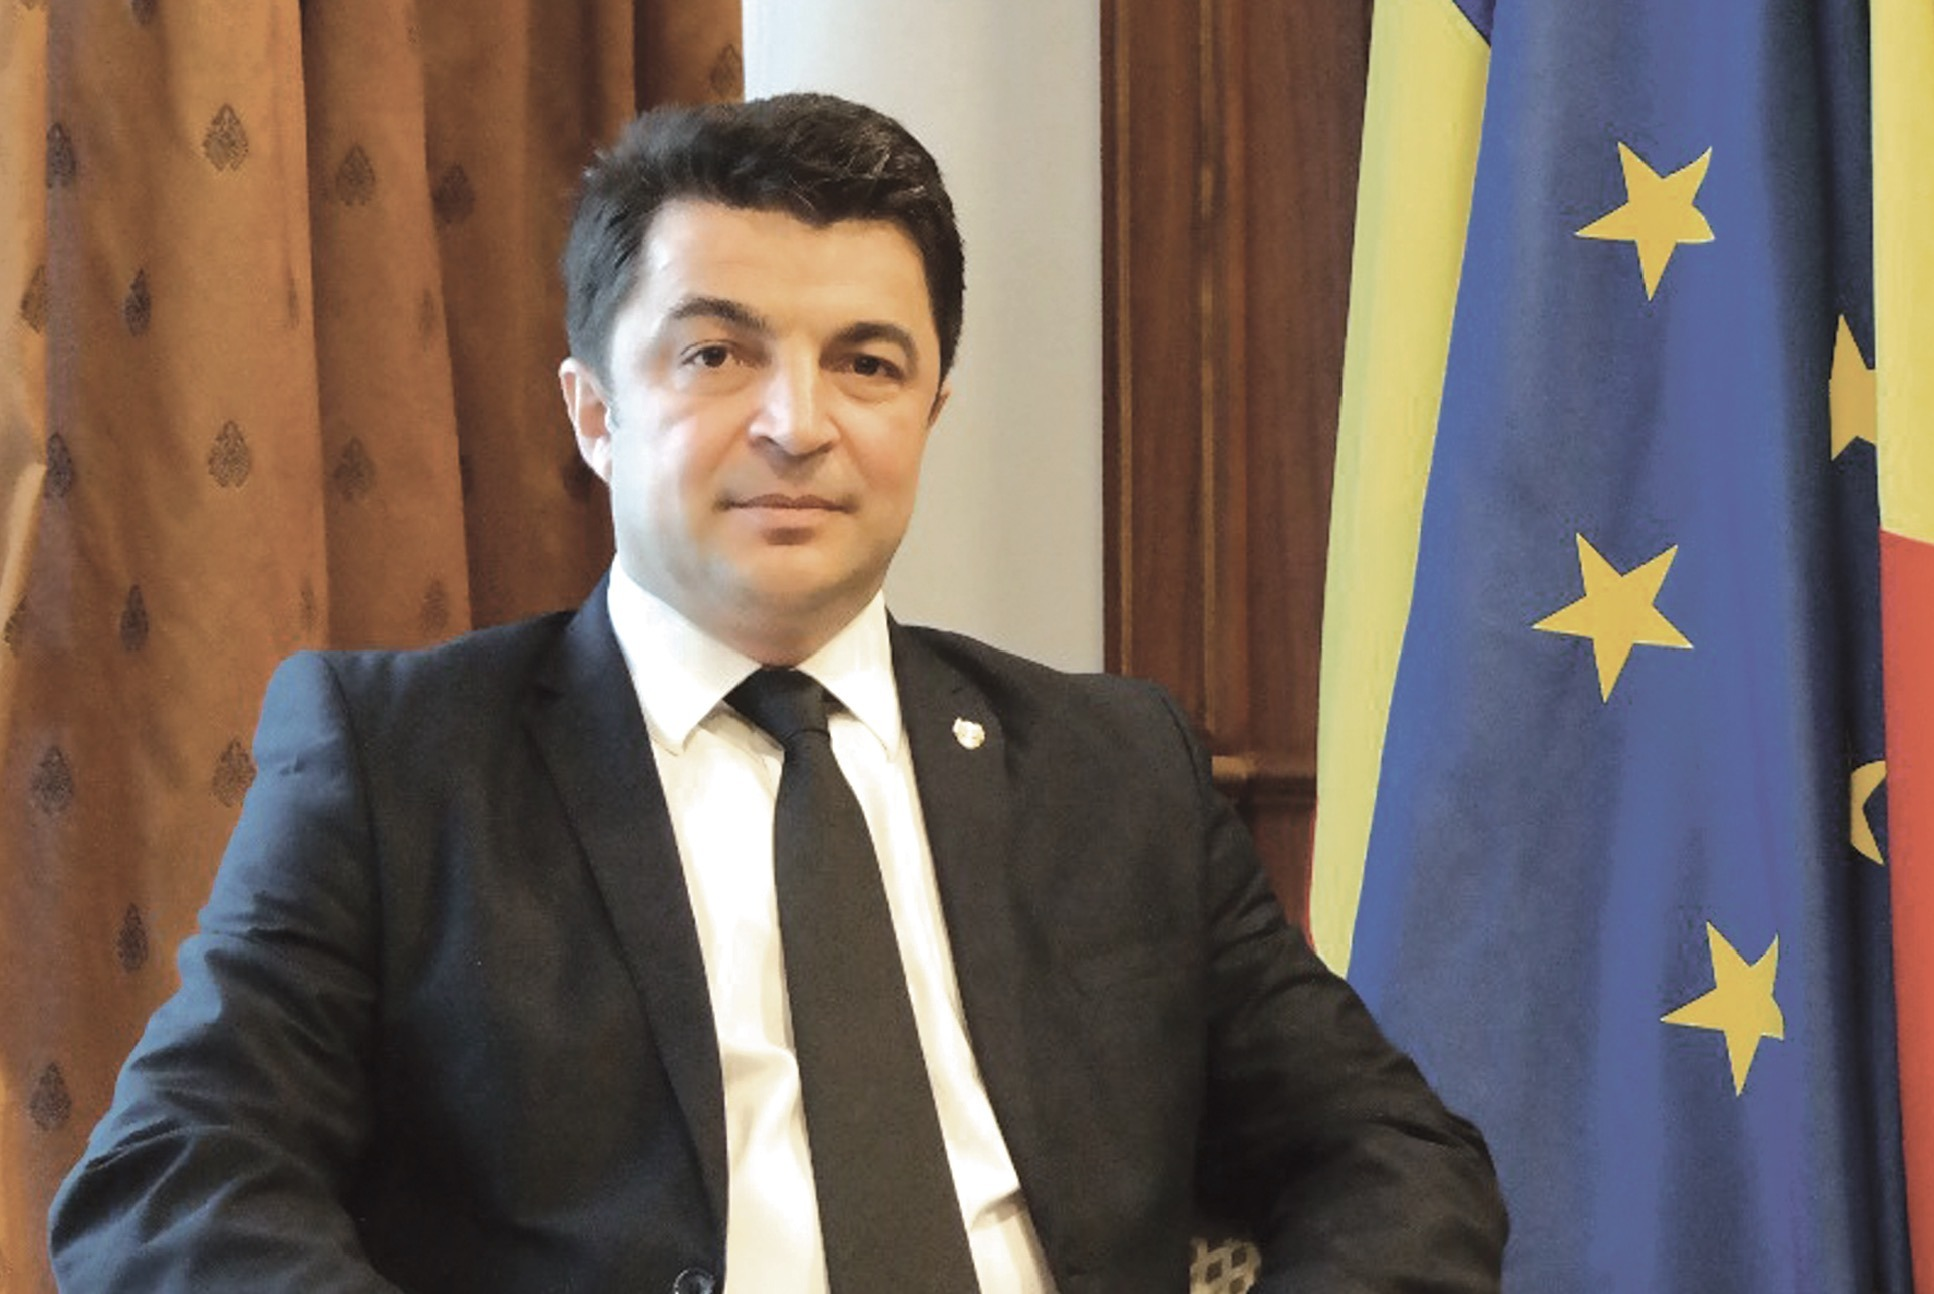 Daniel Breaz, rector al Universității din Alba Iulia: Examenele de licență și disertație ar putea fi organizate online